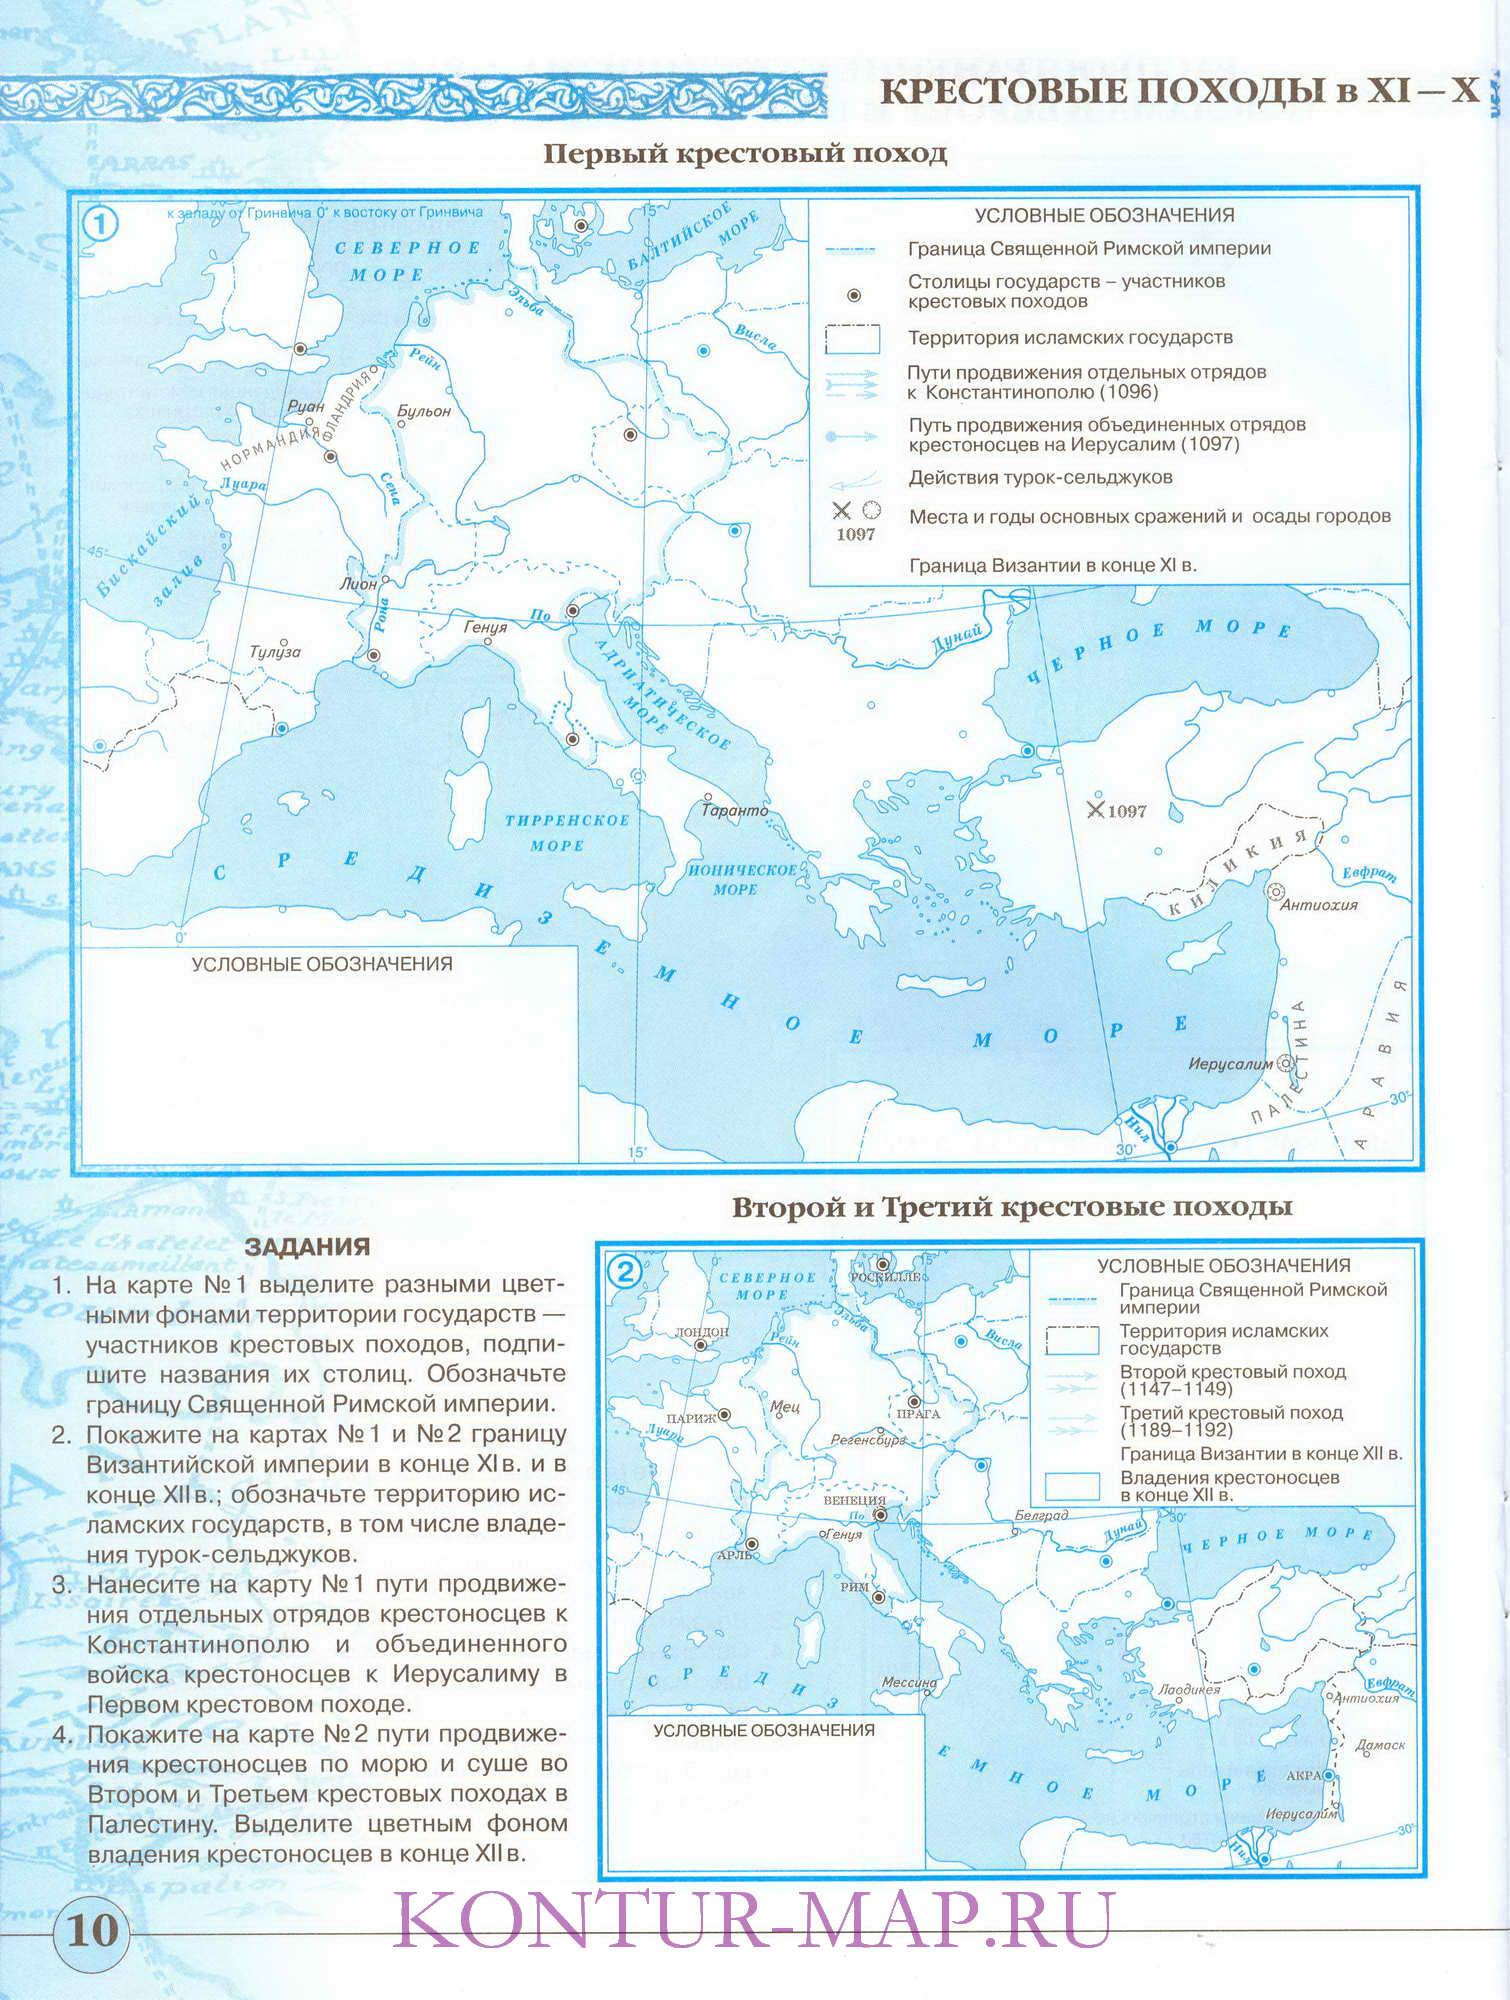 6 гдз истории по россии ответы по класс контурные карты